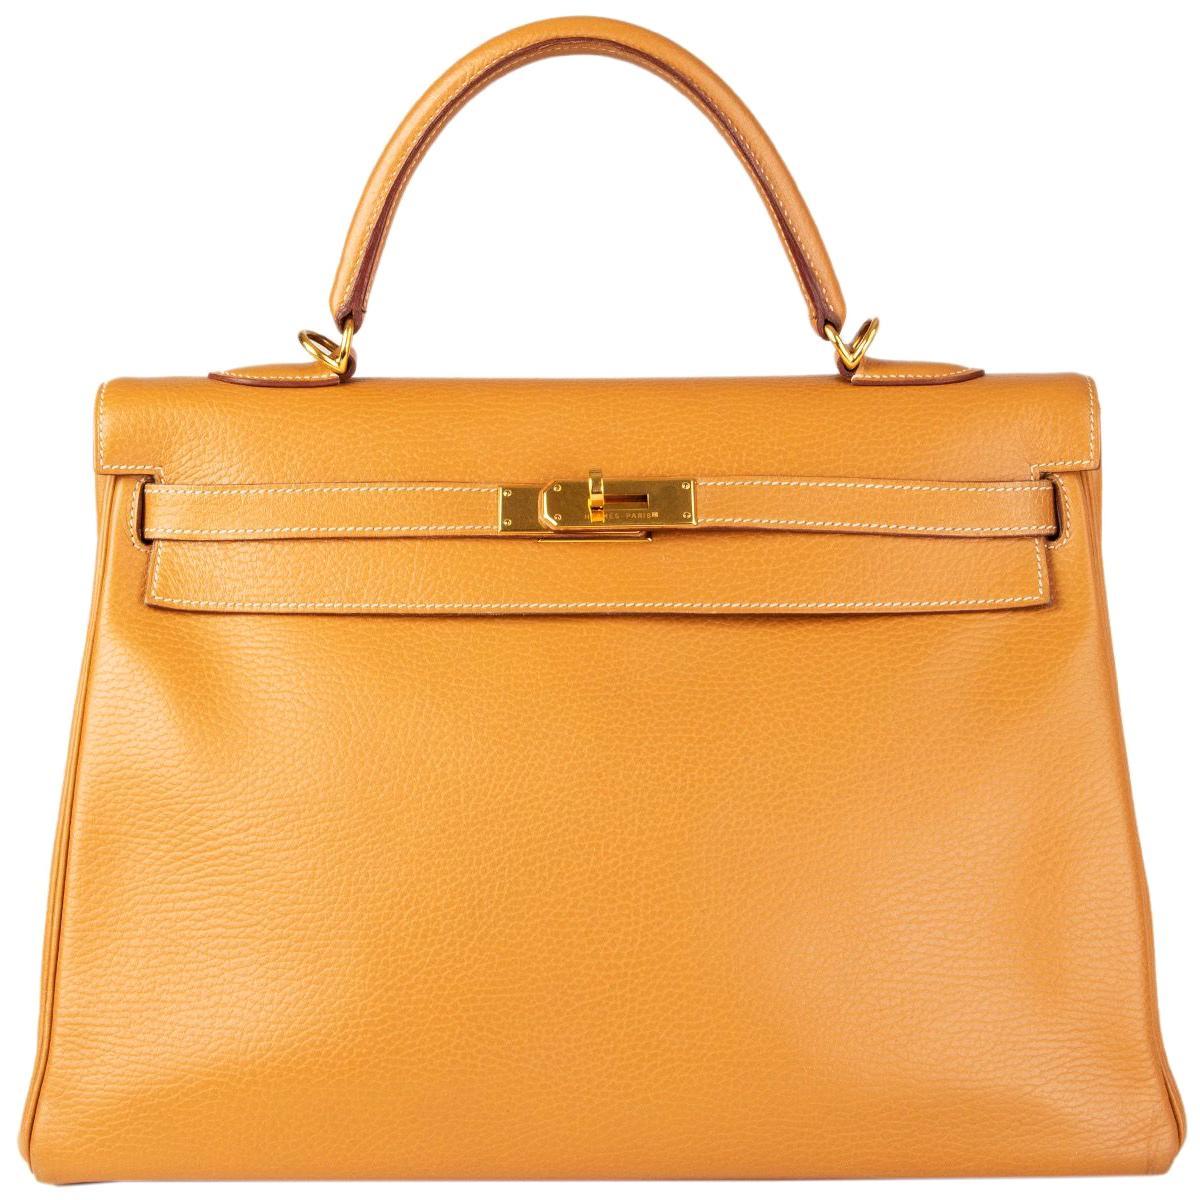 HERMES Naturelle beige Ardennes leather & Gold KELLY II 35 RETOURNER Bag